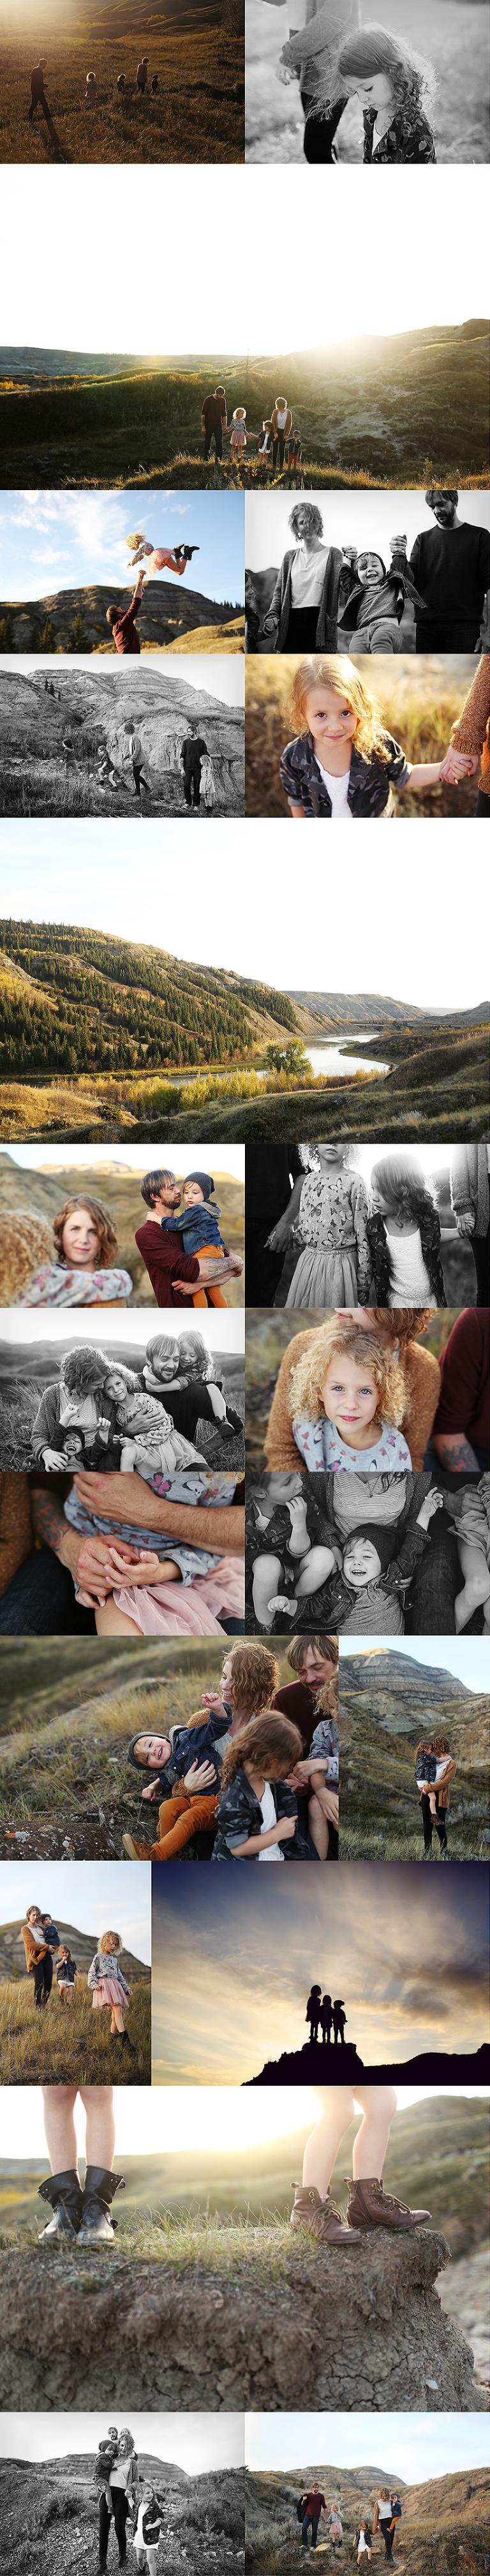 edmonton-lifestyle-family-photographer